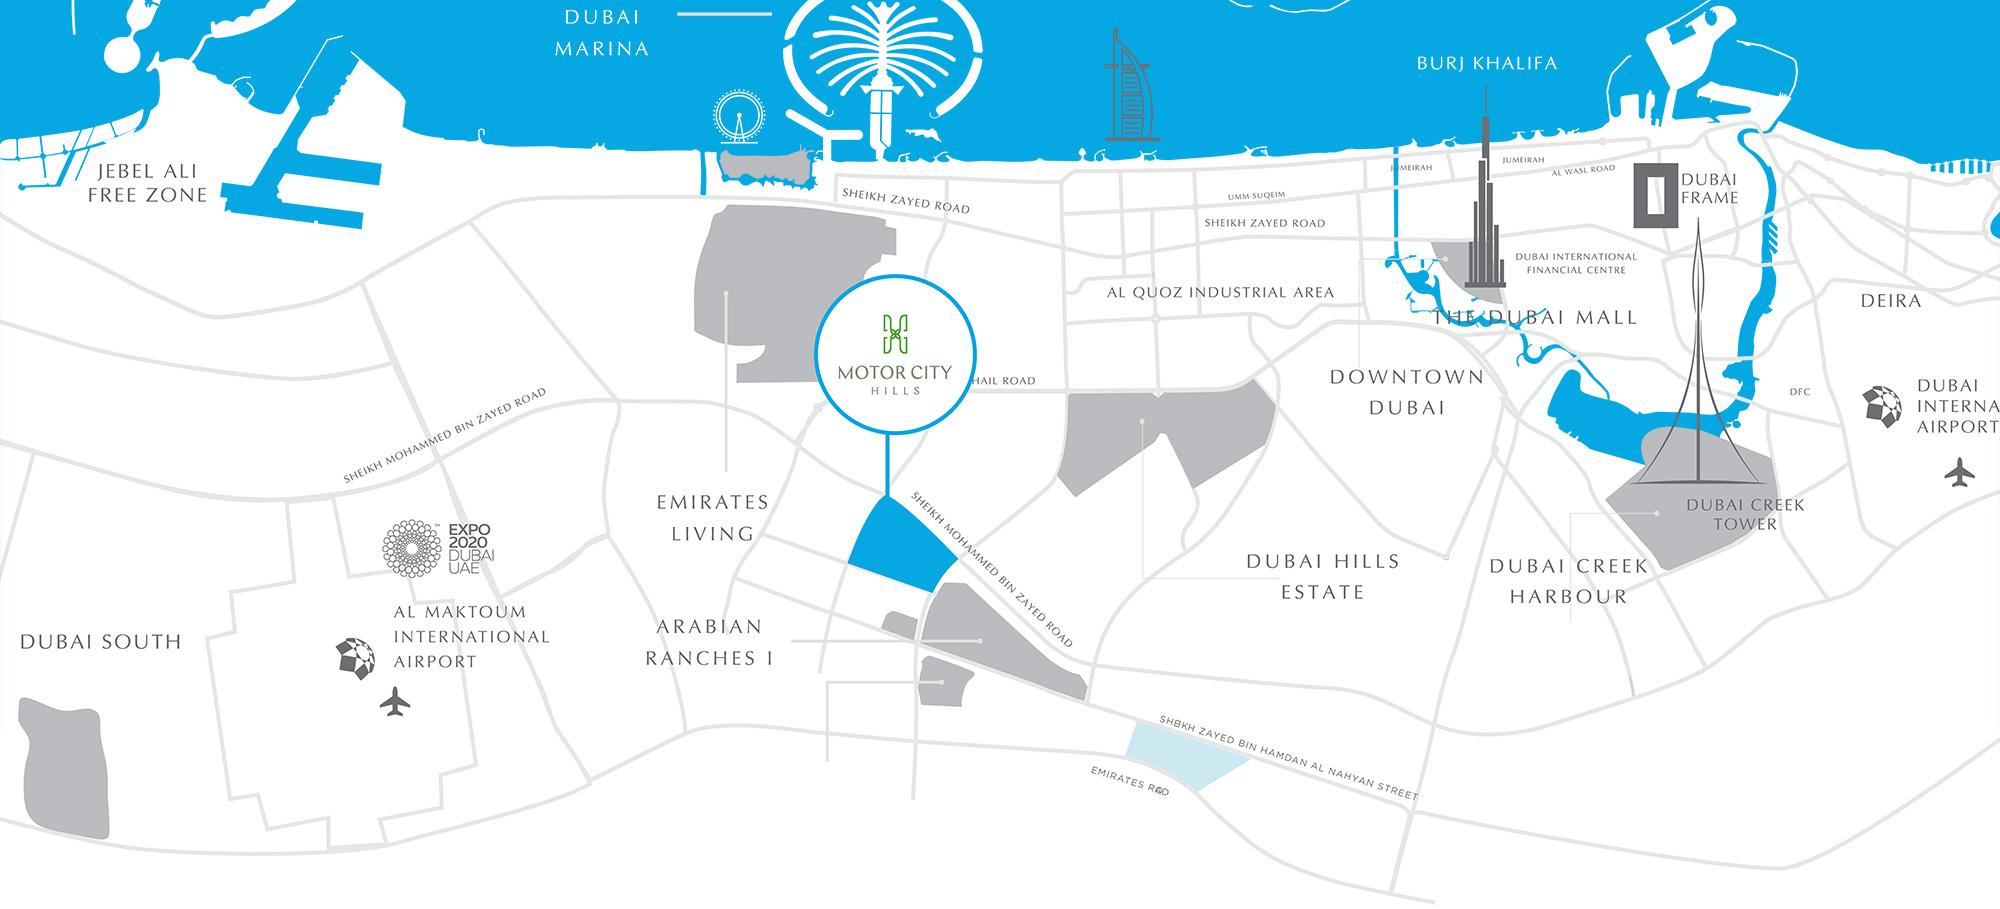 منازل تاون هاوس في موتور سيتي هيلز للبيع في دبي - من شركة الاتحاد العقارية